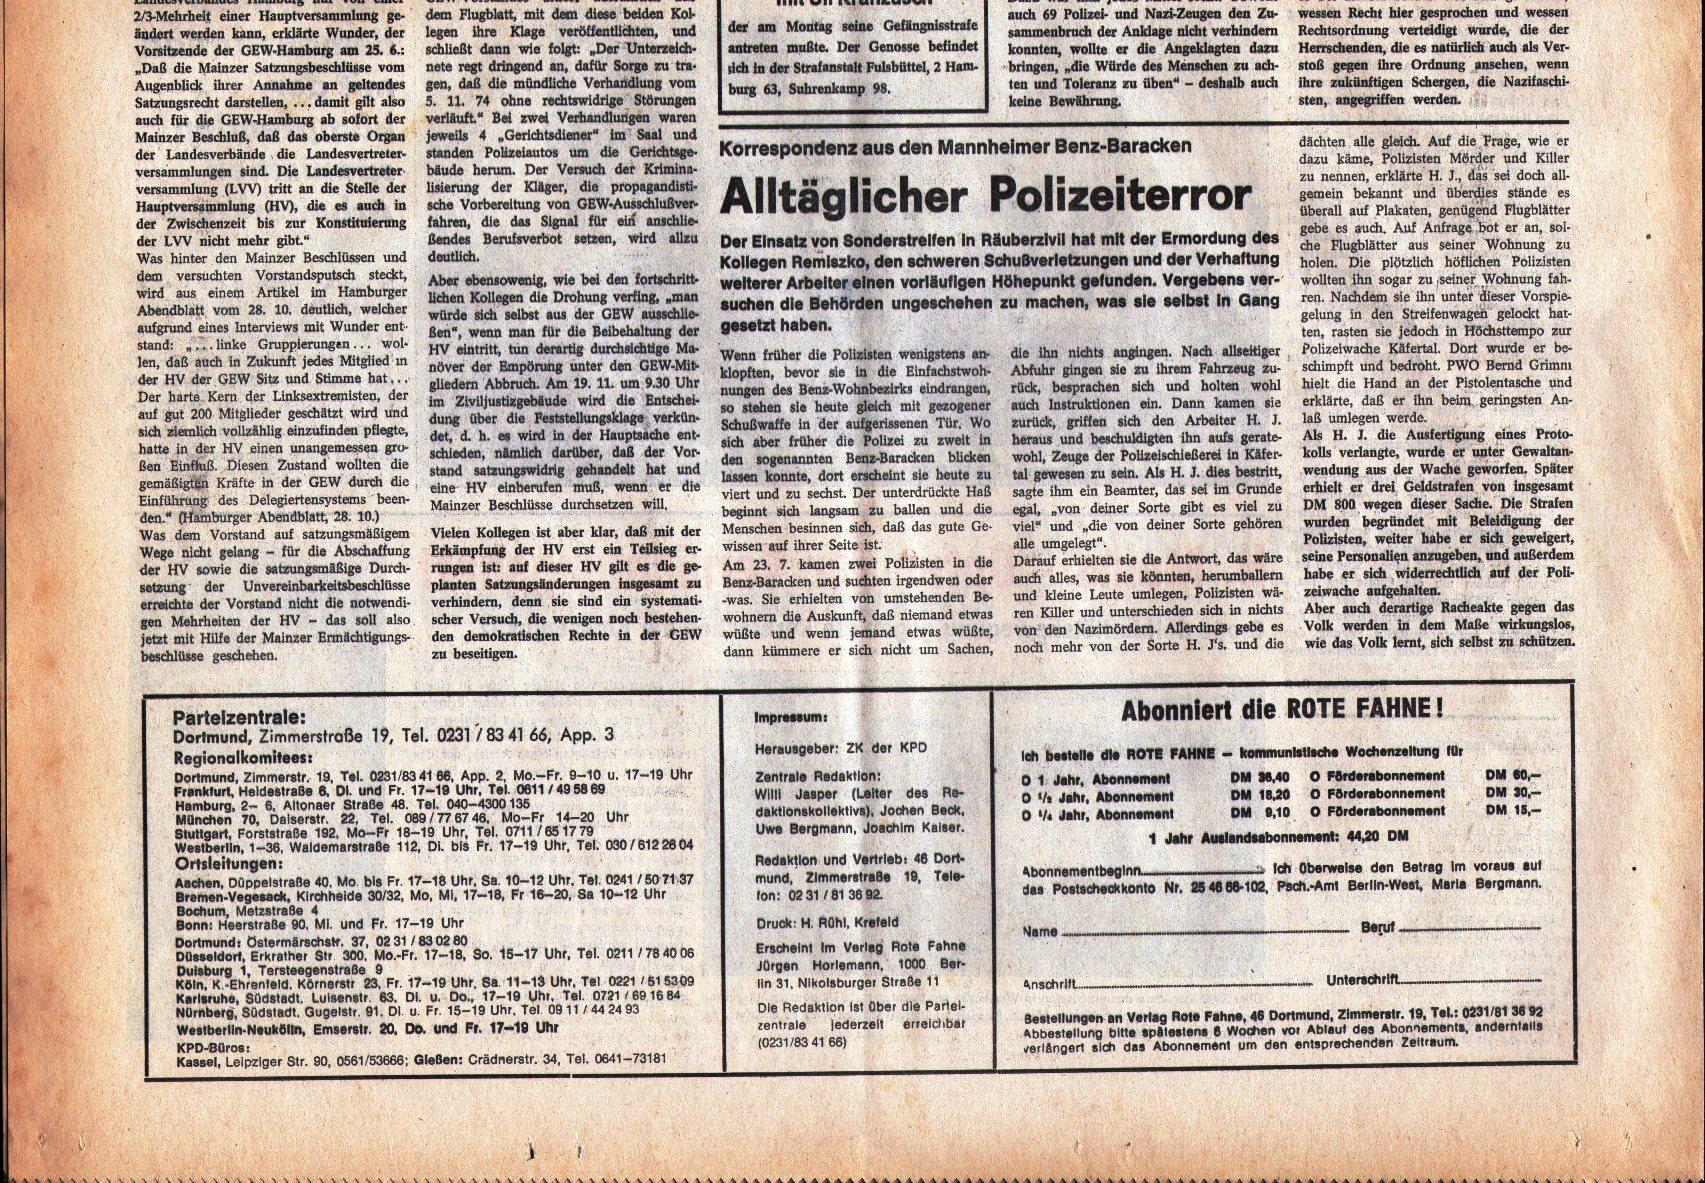 KPD_Rote_Fahne_1974_46_04